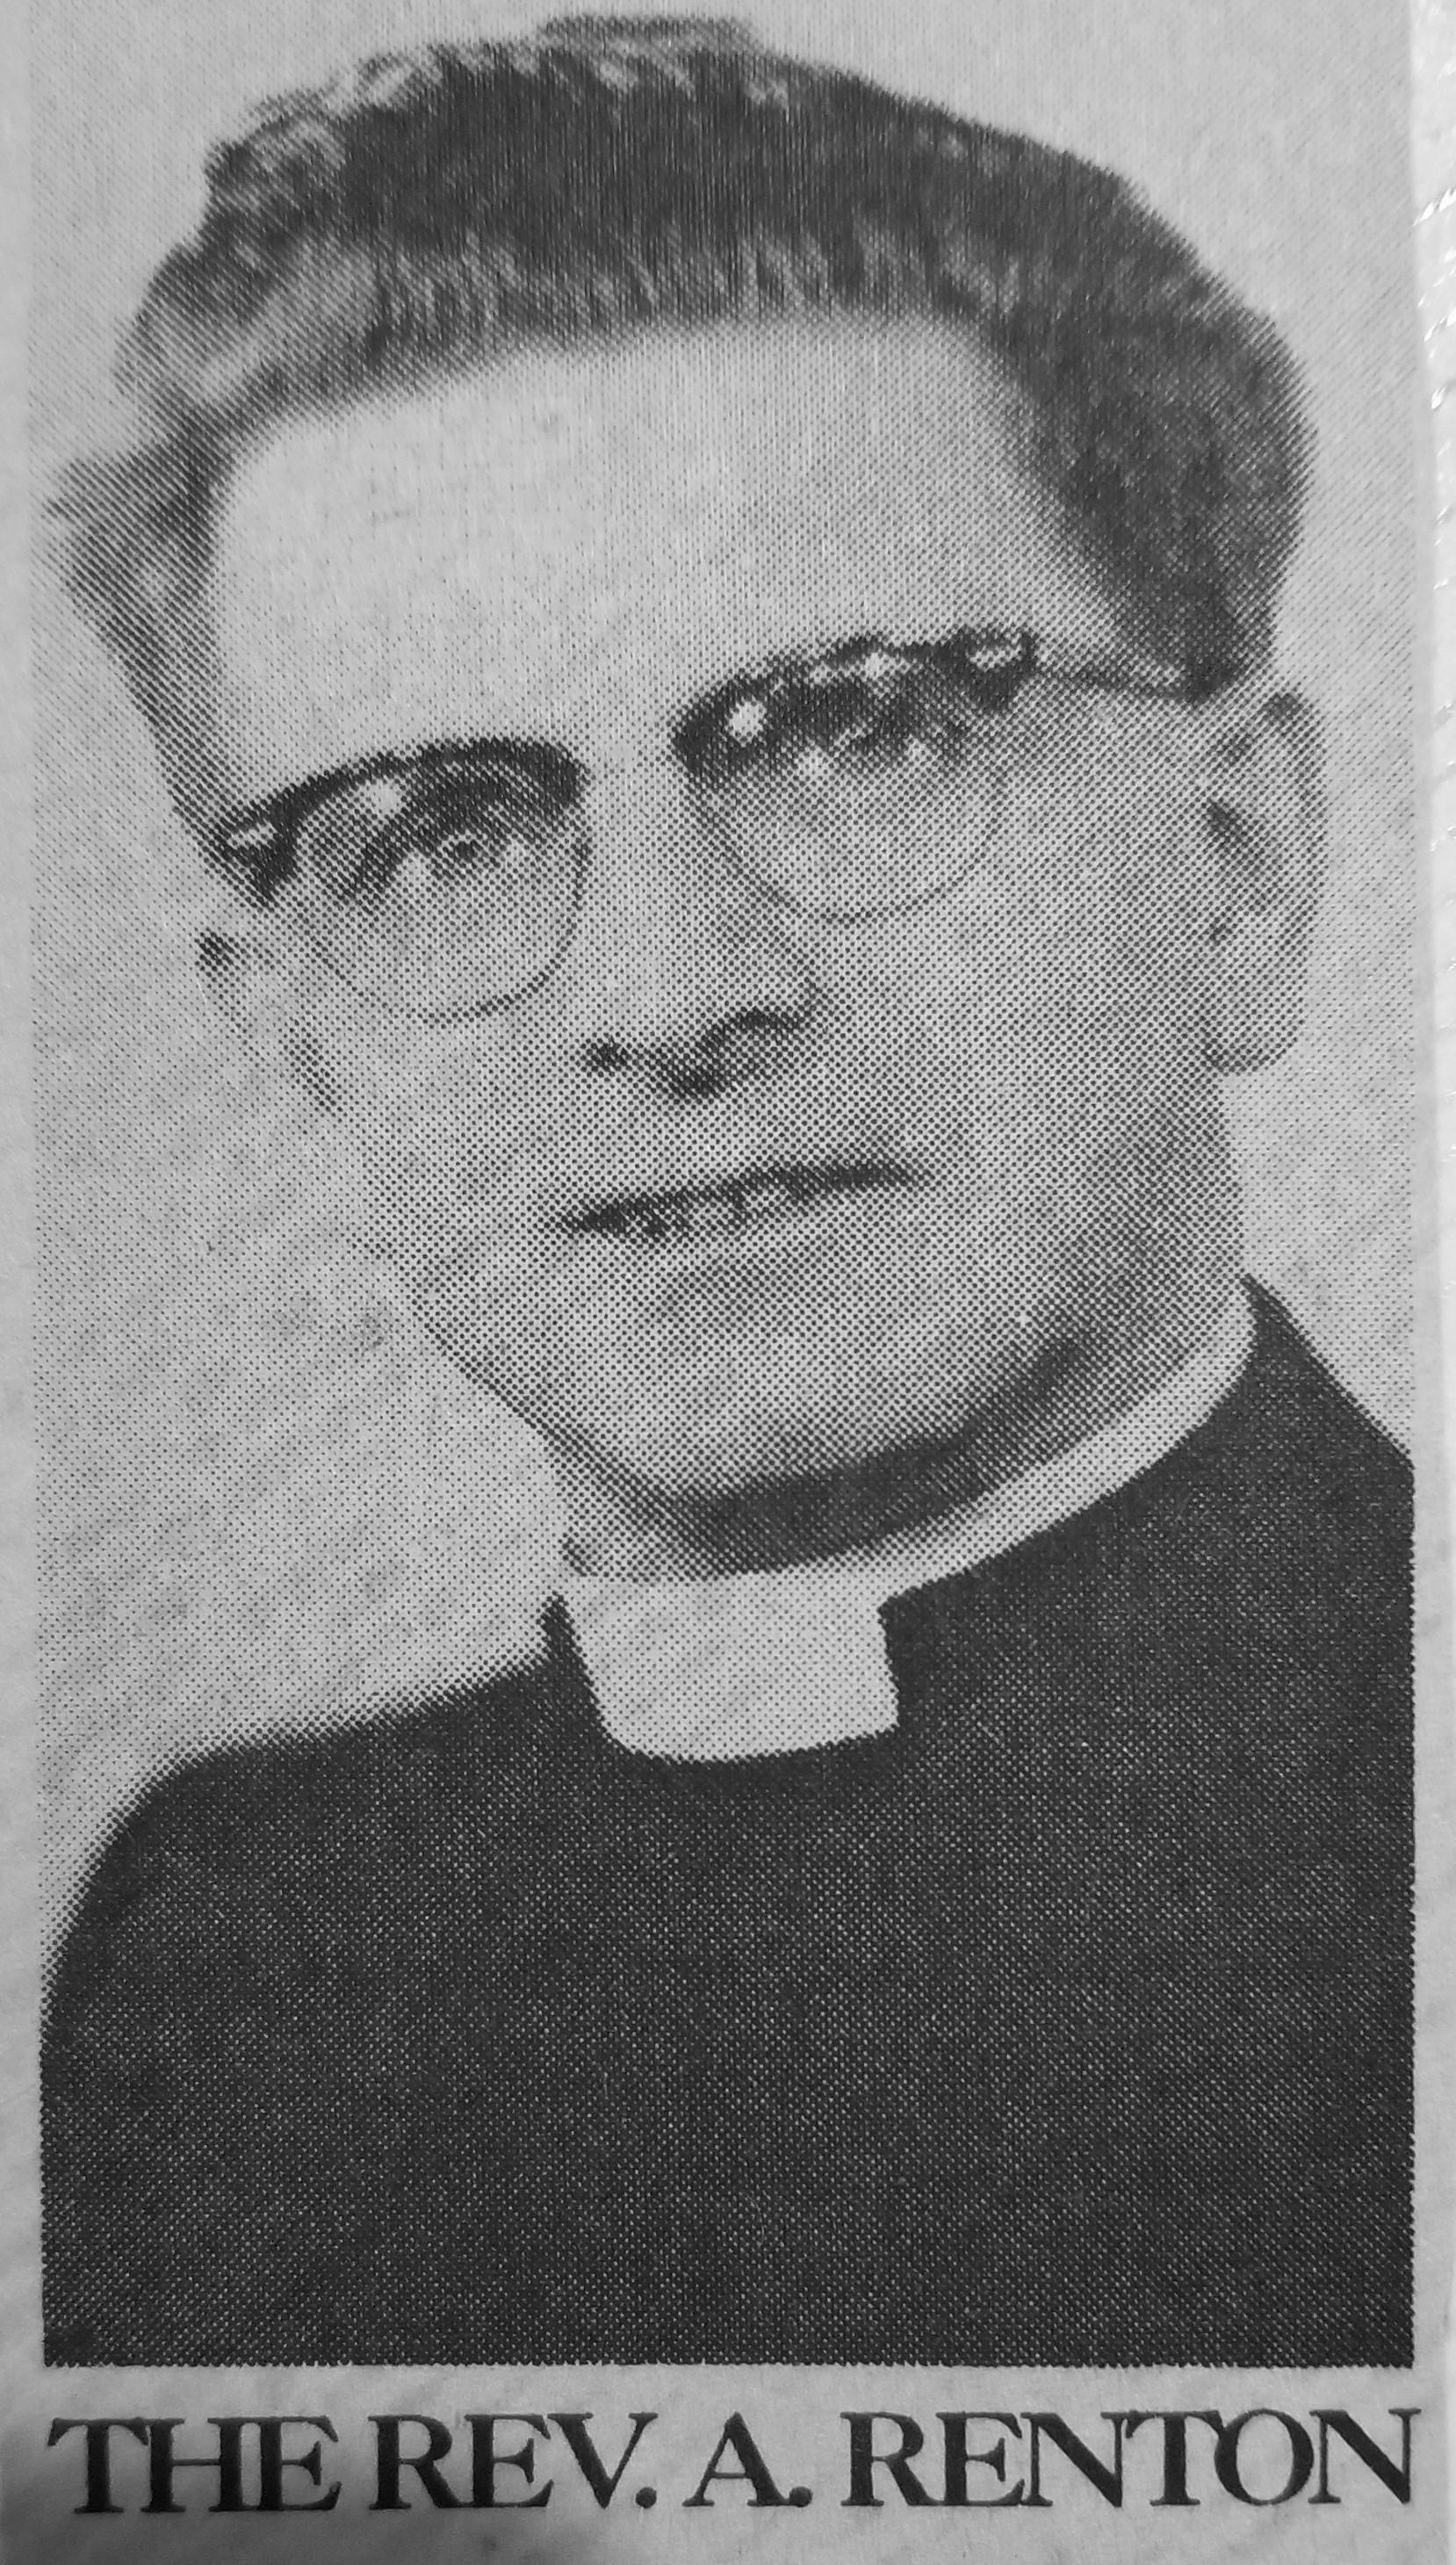 Rev A. Renton